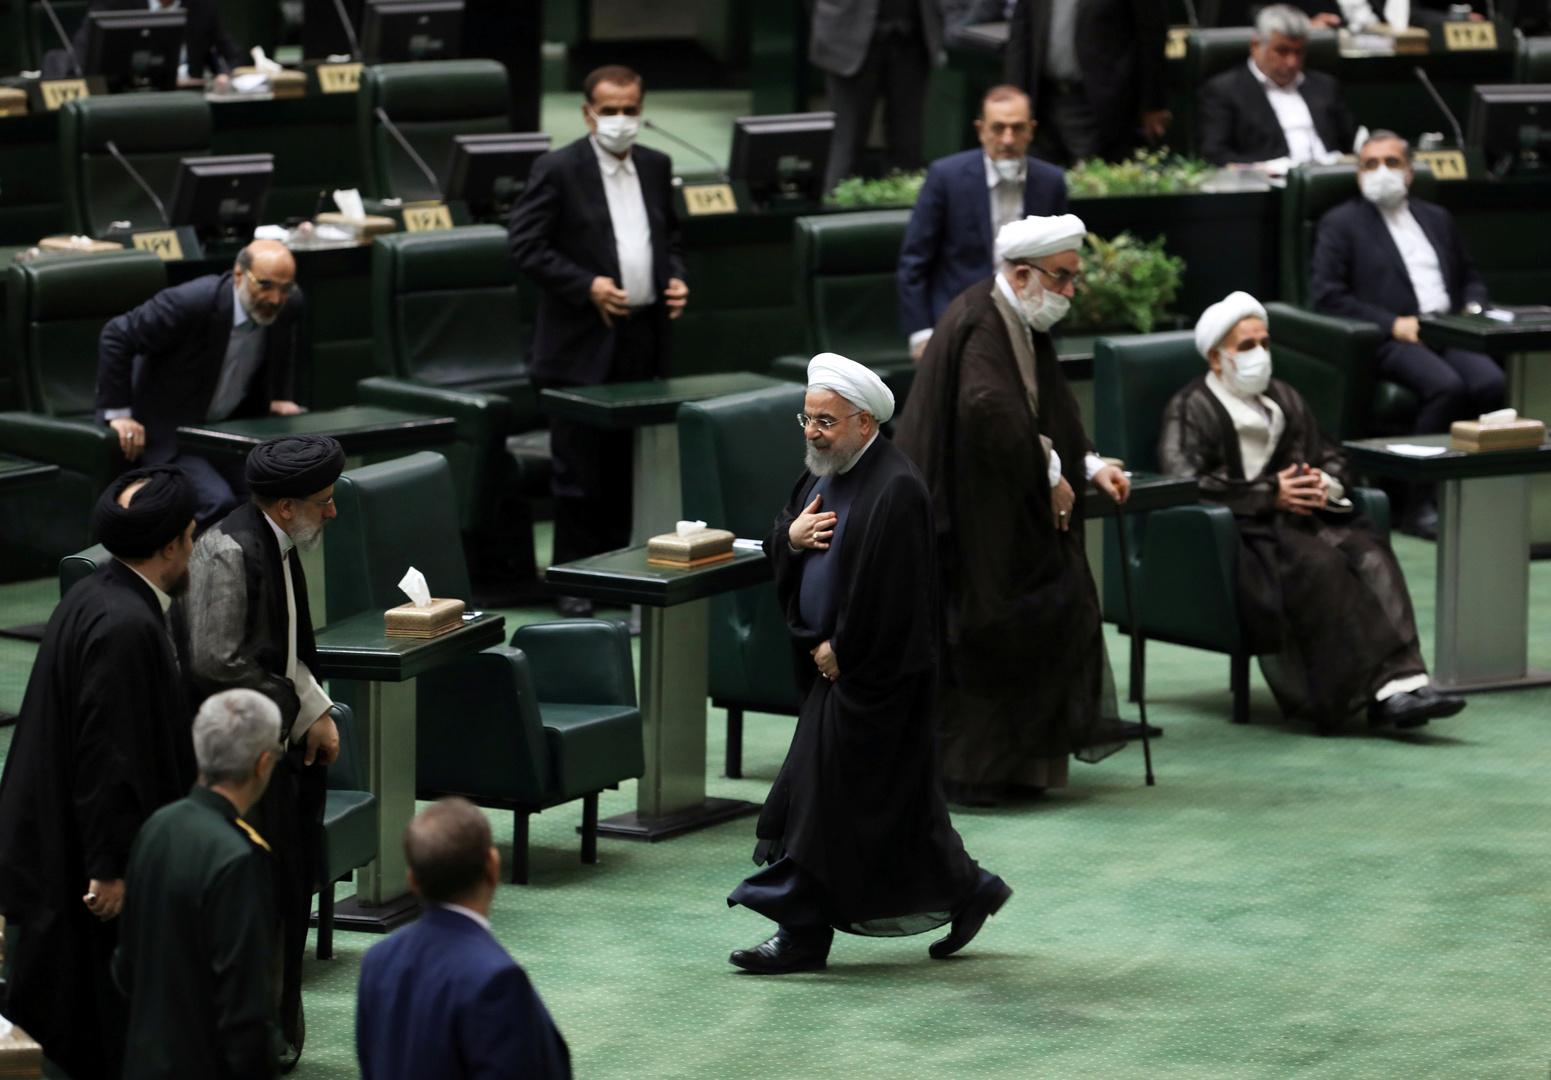 إيران.. مجلس الشورى يعد مشروع قرار